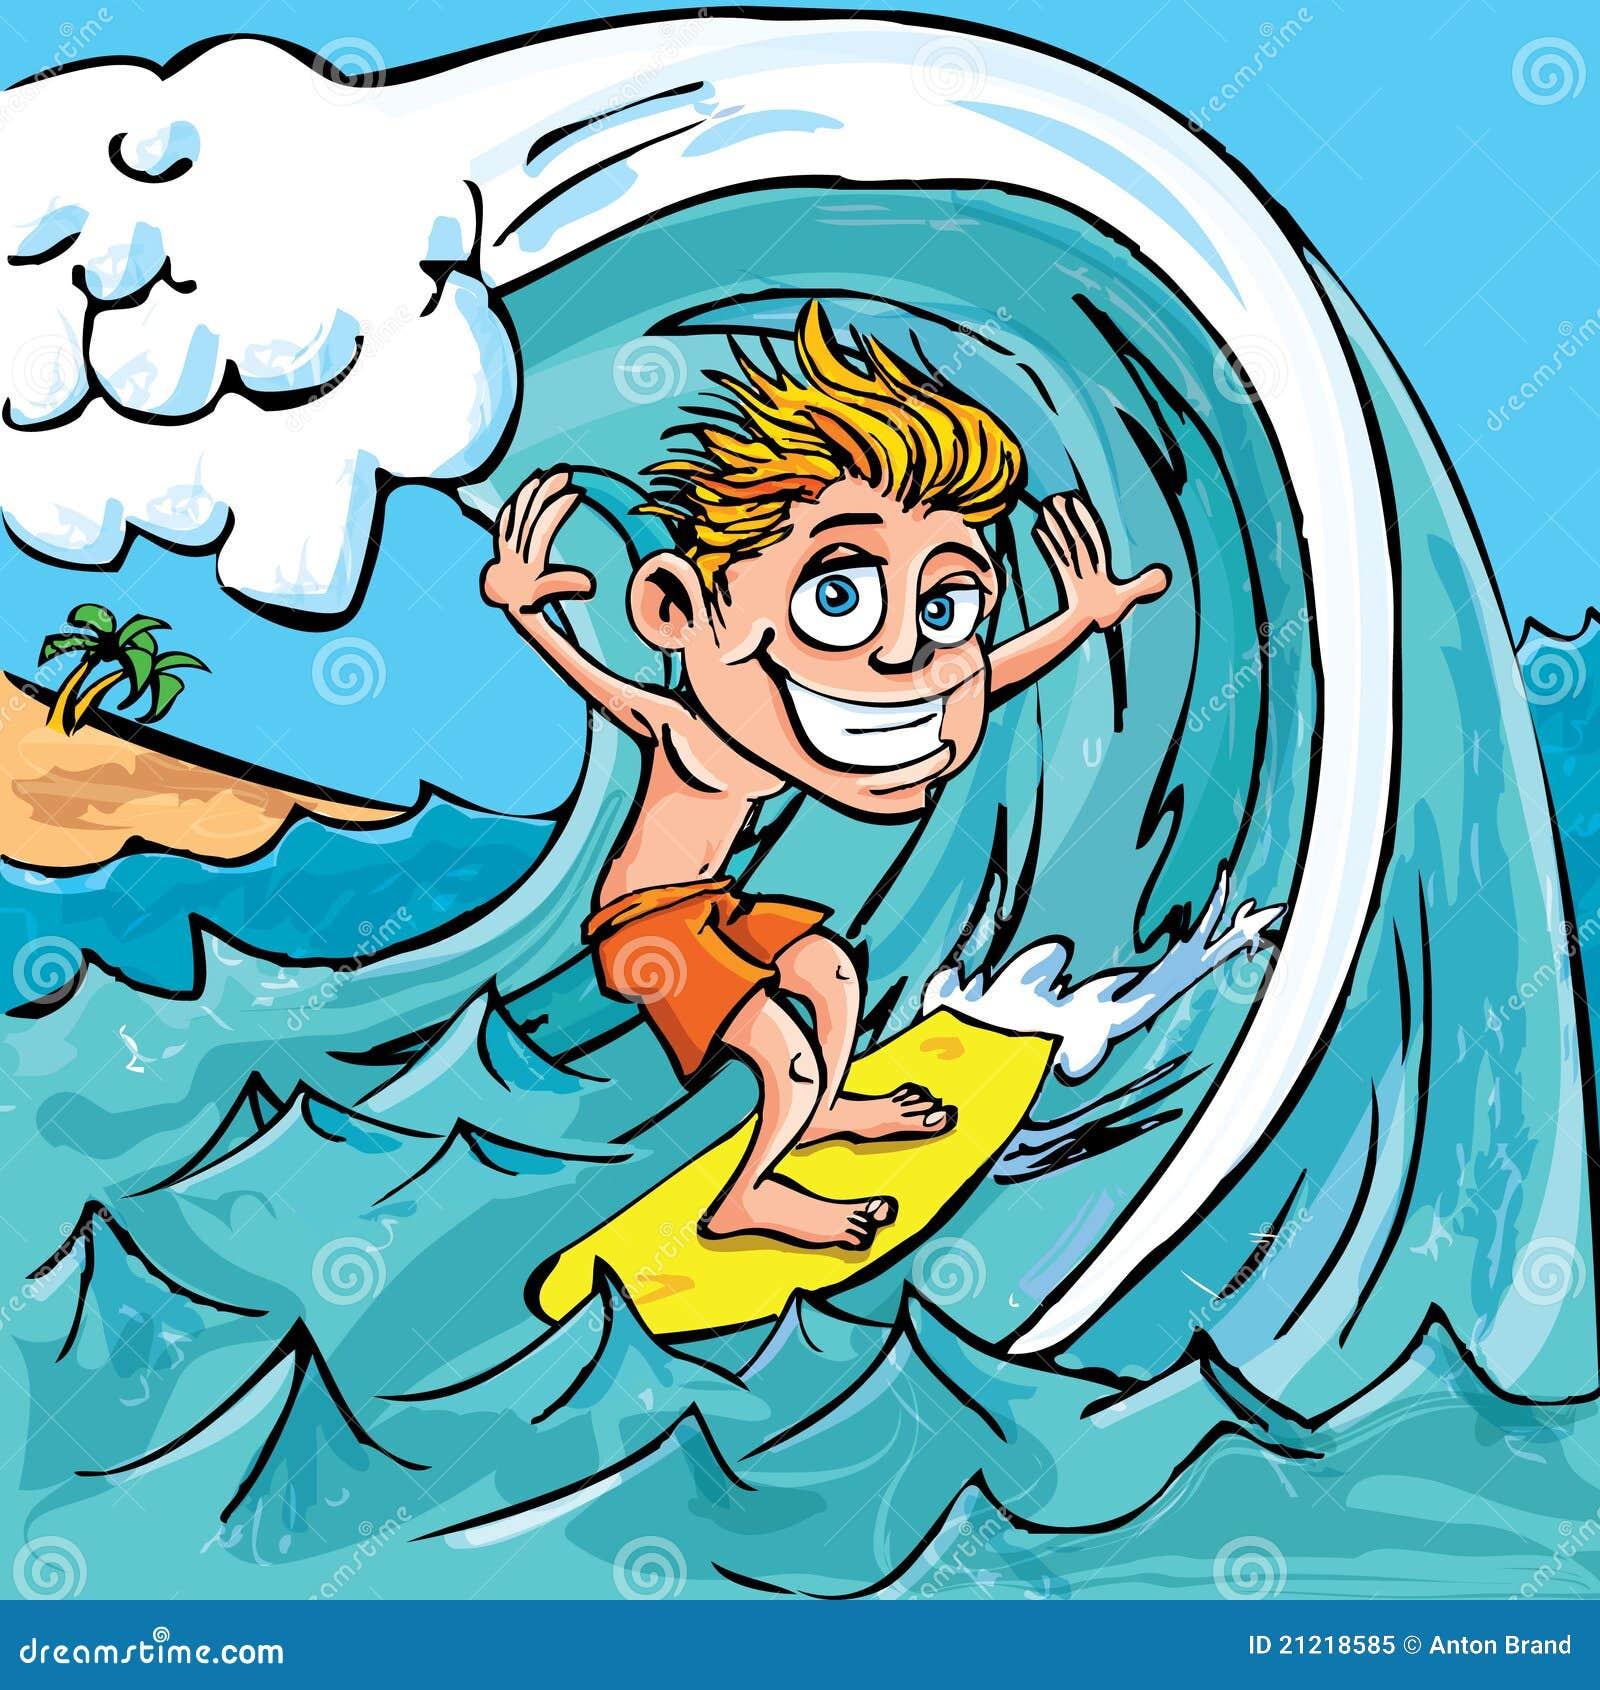 Cartoon boy surfing a wave in the sea mr no pr no 4 4586 10